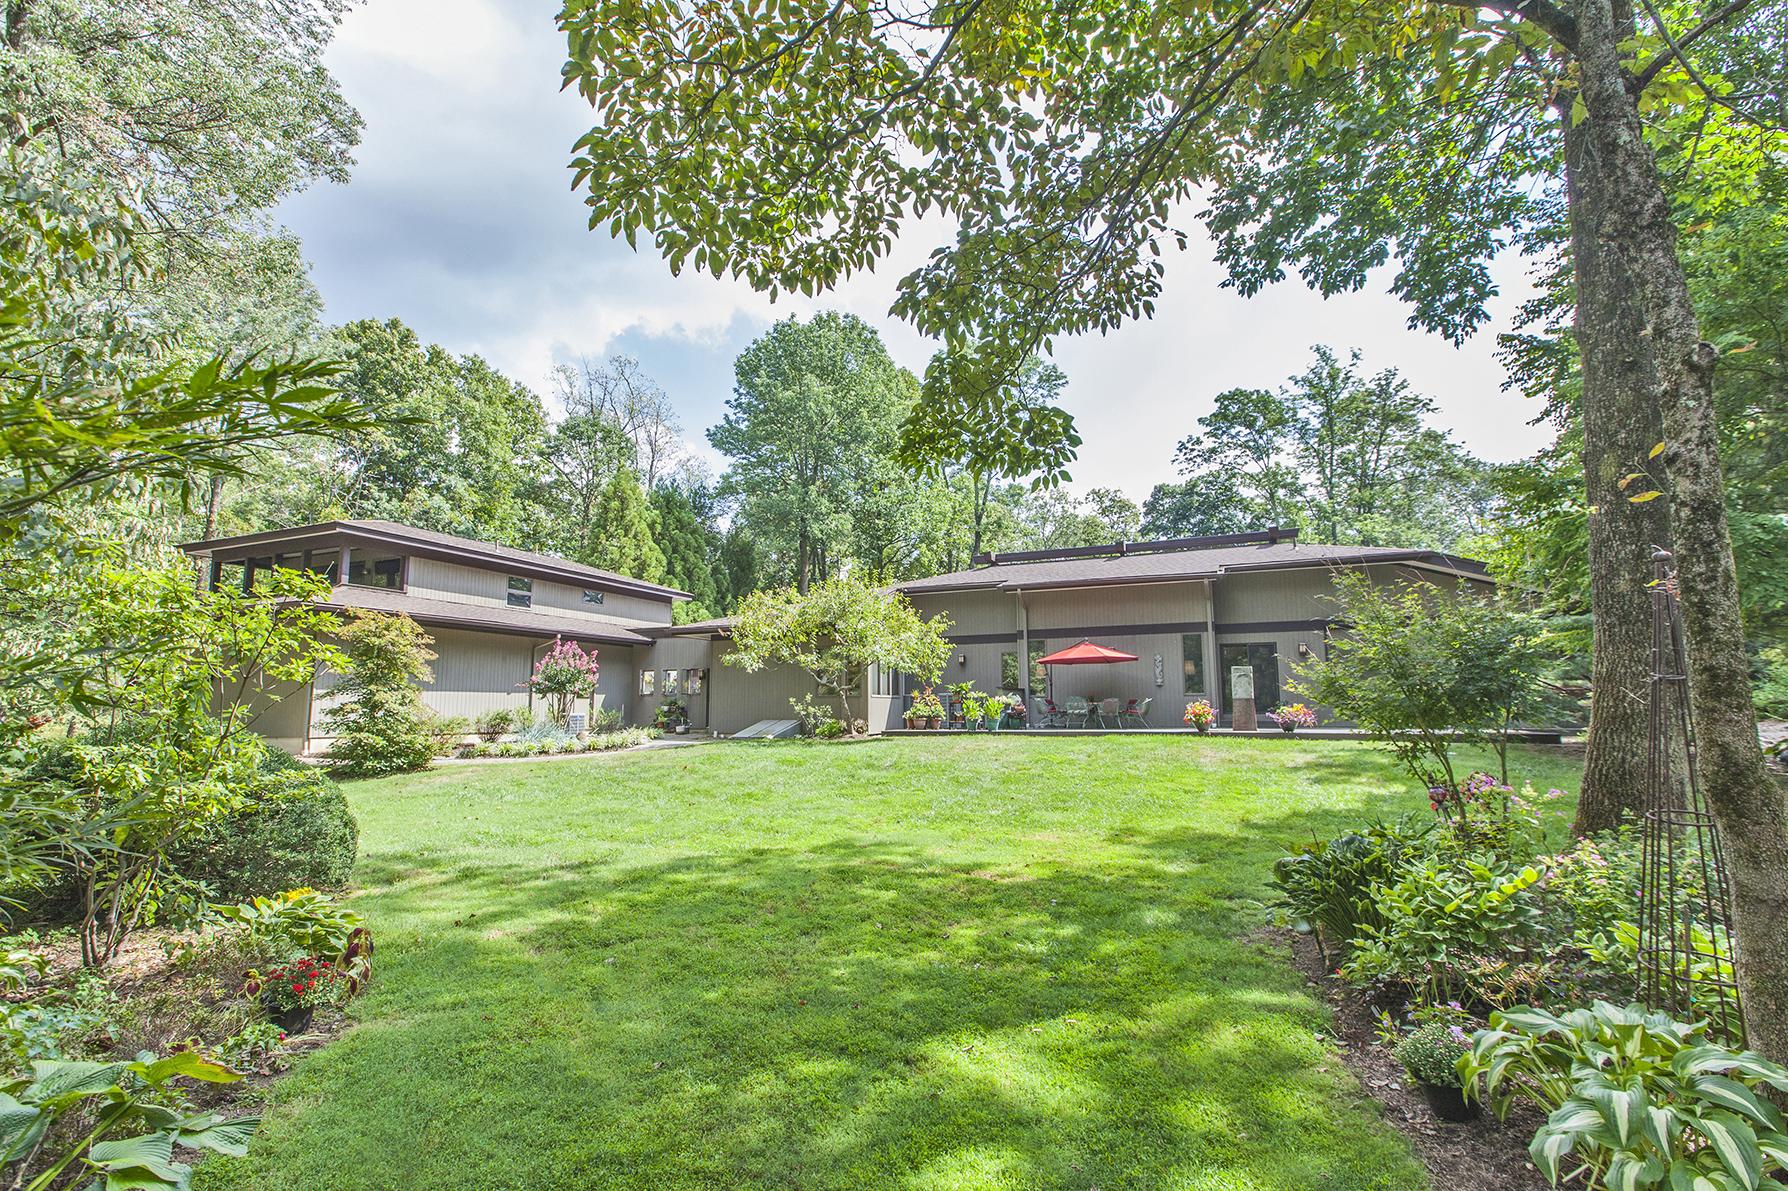 Casa Unifamiliar por un Venta en Designed for a serene lifestyle 33 White Oak Drive Princeton, Nueva Jersey 08540 Estados Unidos